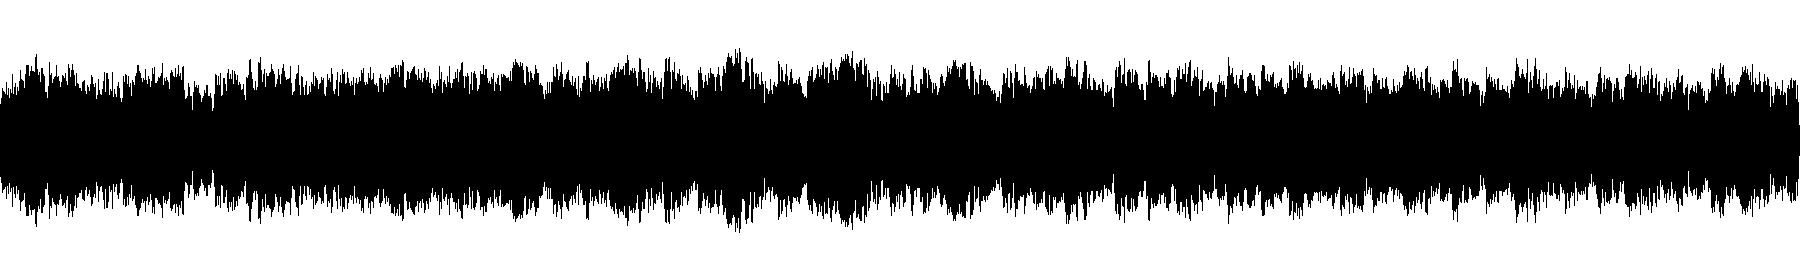 120 d feargtr sp 01